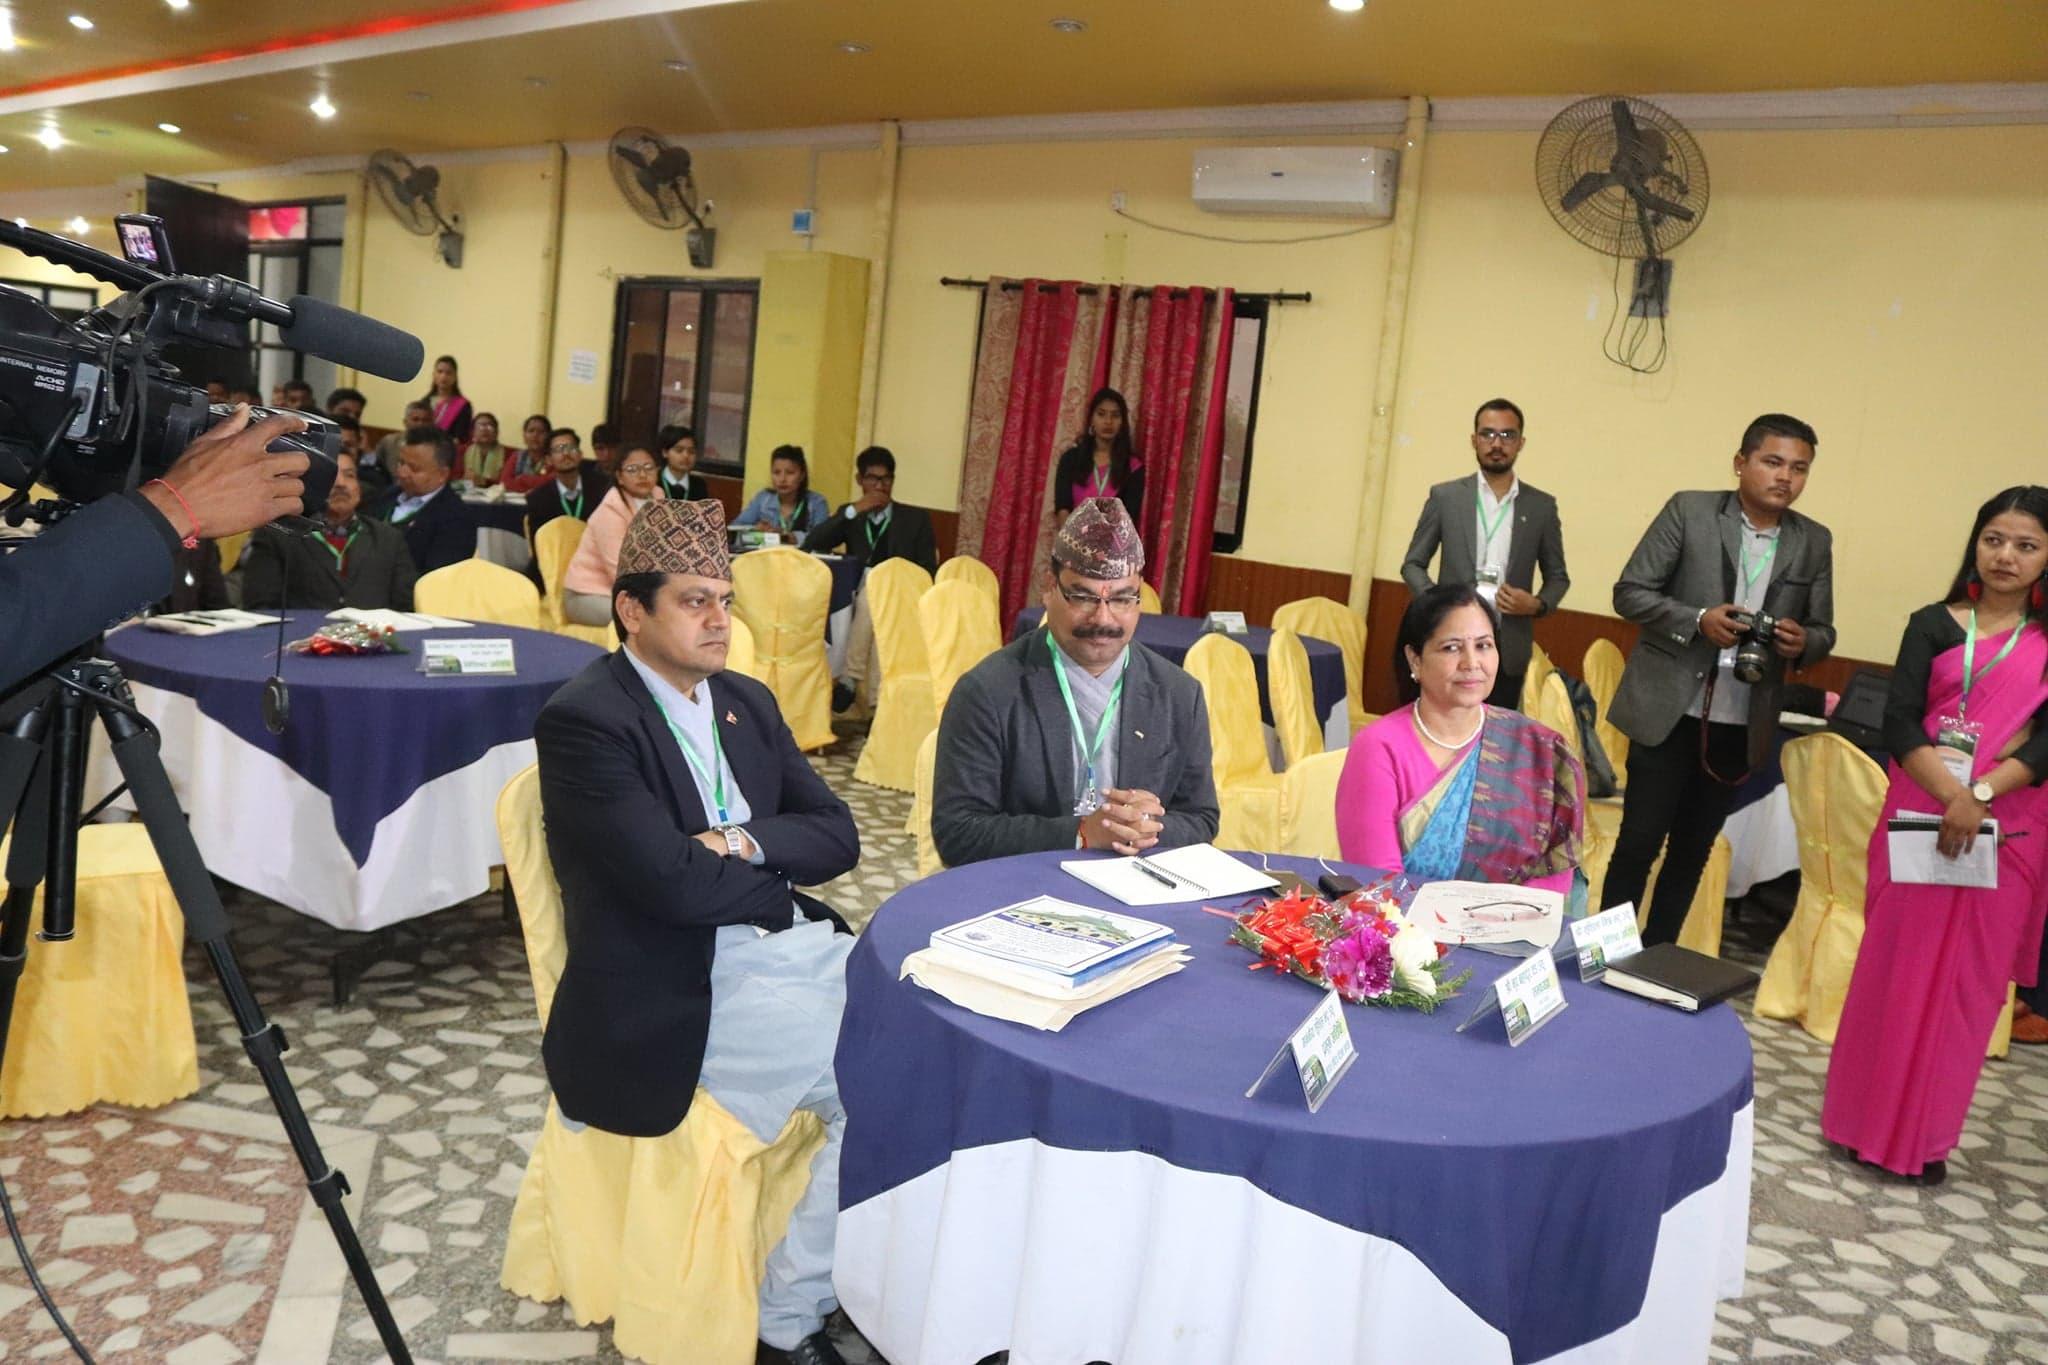 धनगढी विकास सम्मेलन सम्पन्न योजनावद्ध विकासका लागि प्रोजेक्ट बैंकको तयारी